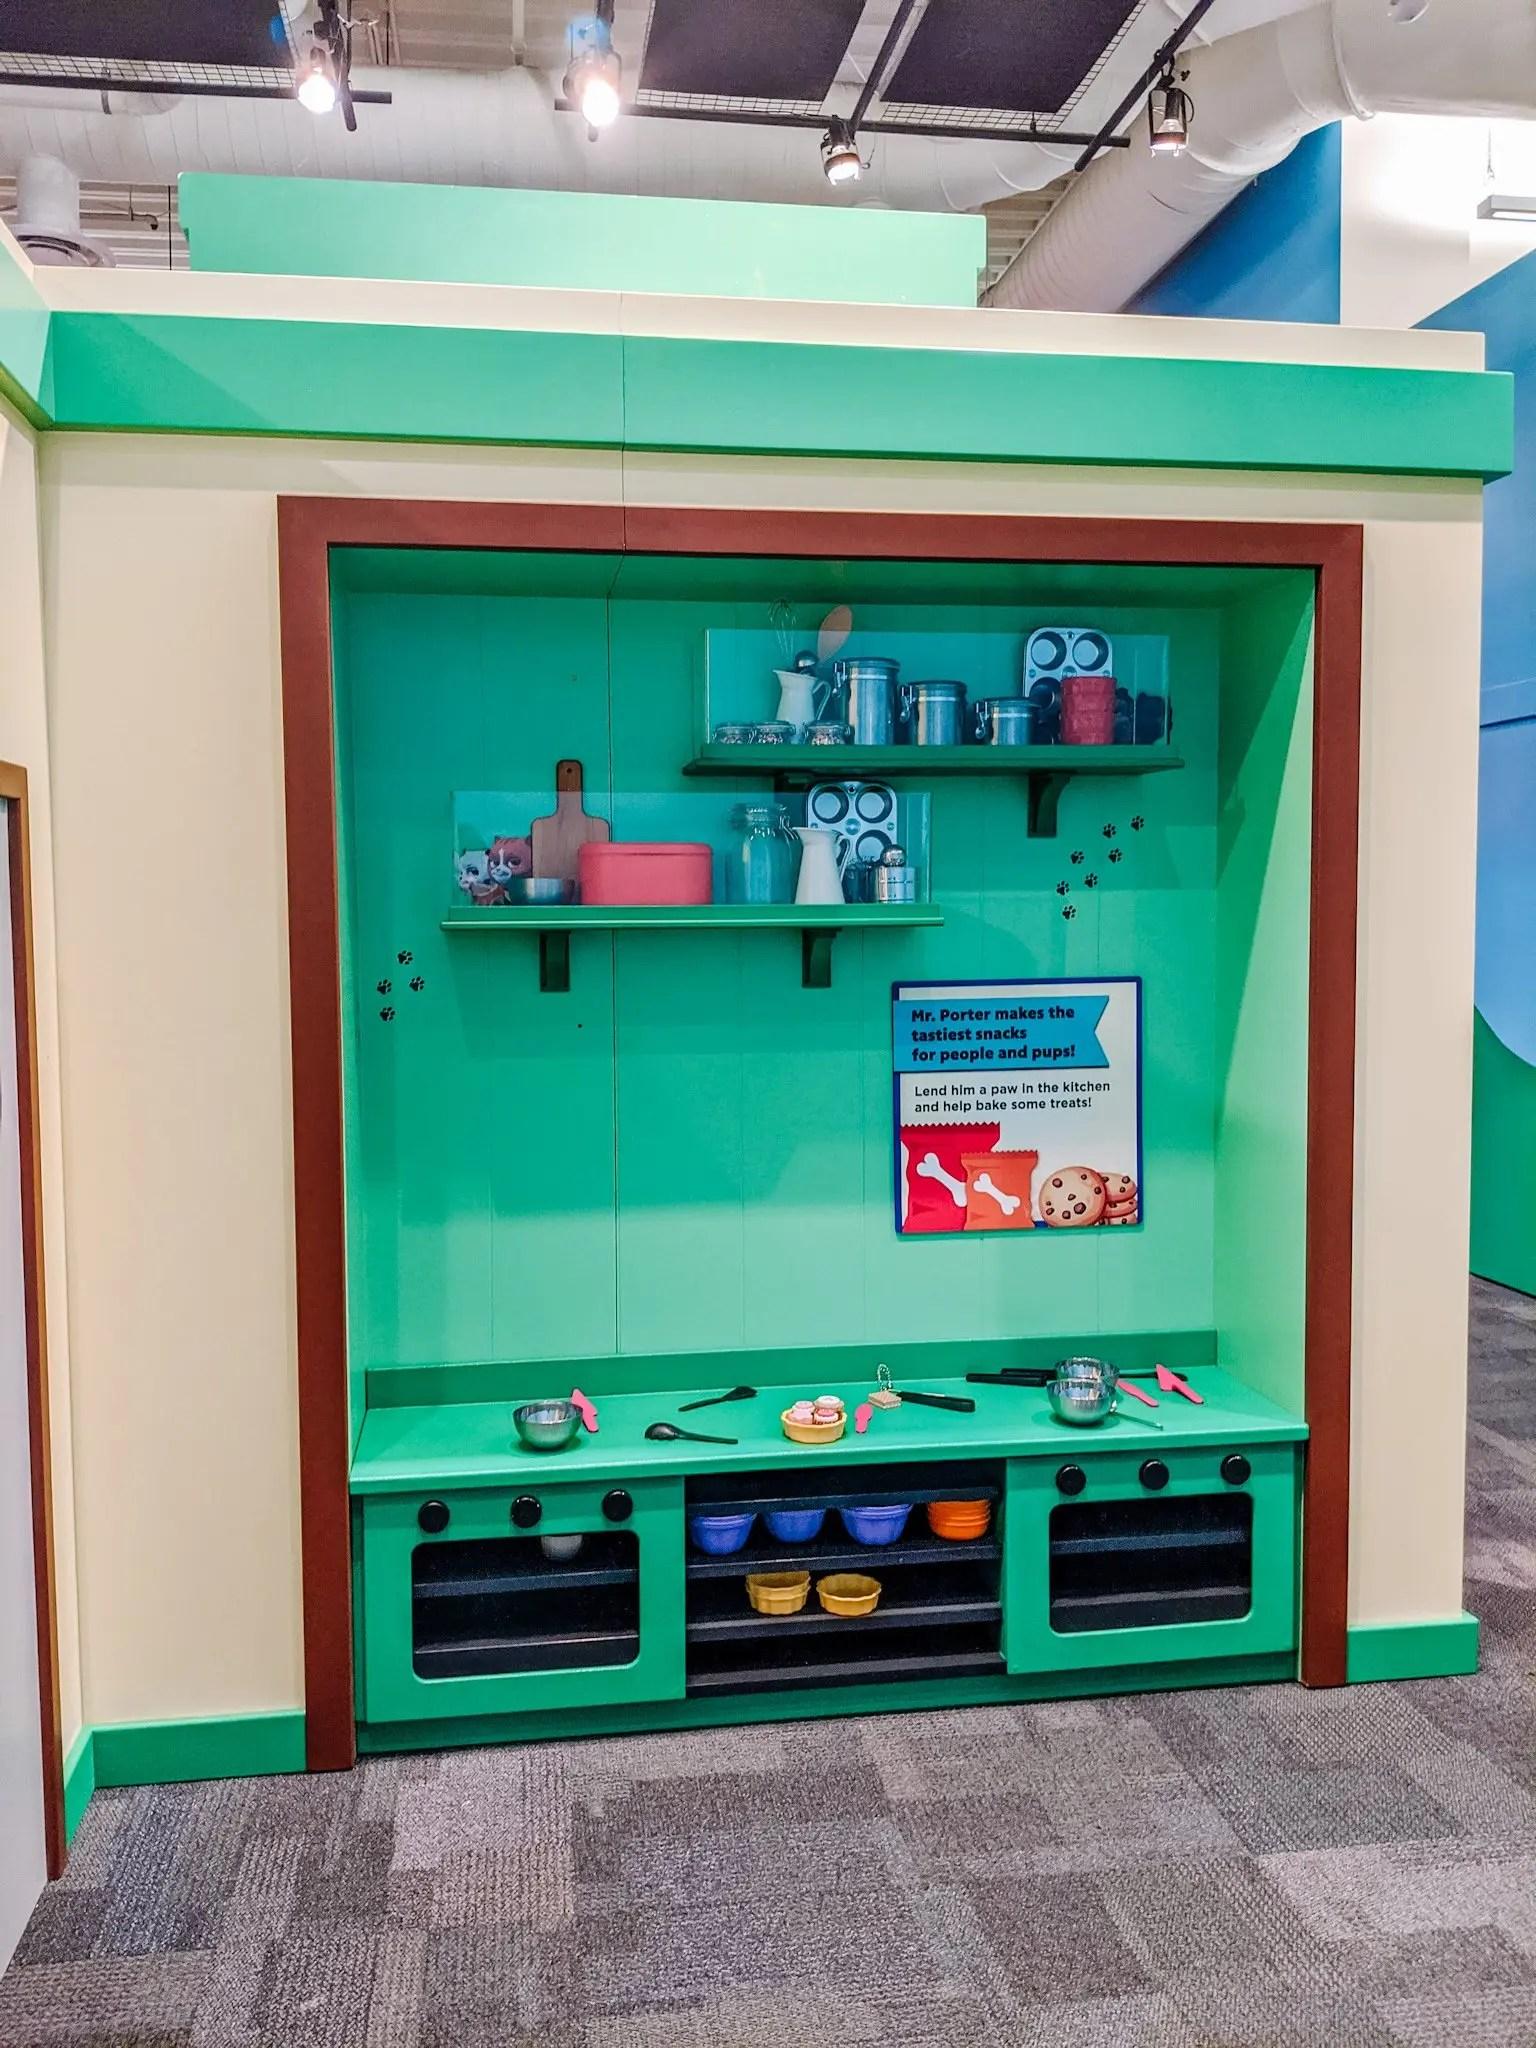 exhibit at the children's museum